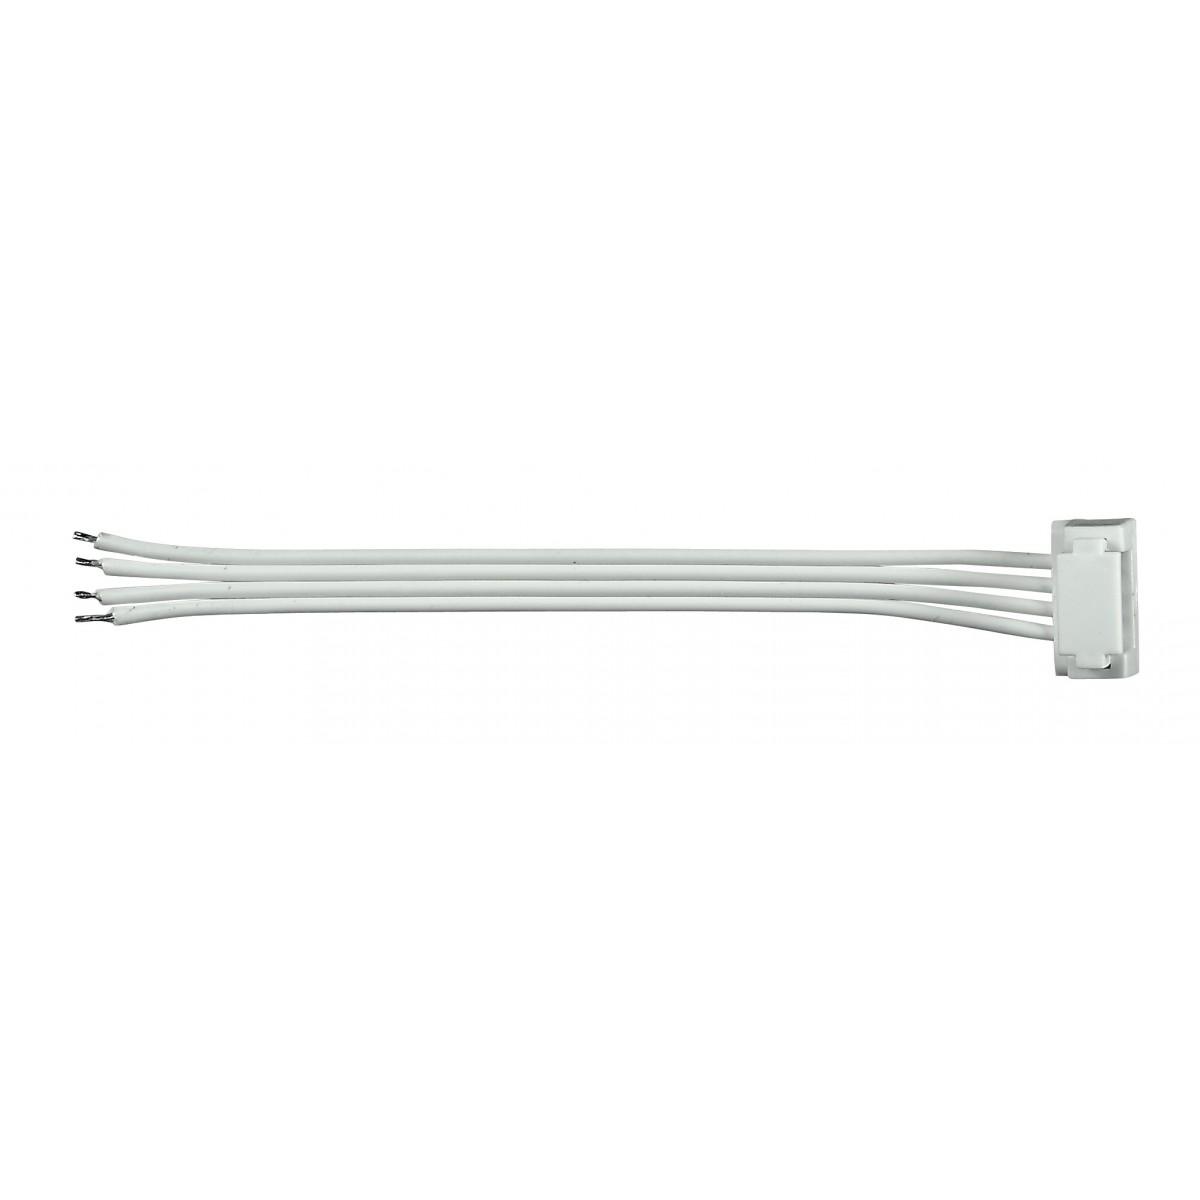 Kit avec câble et connecteur pour bande